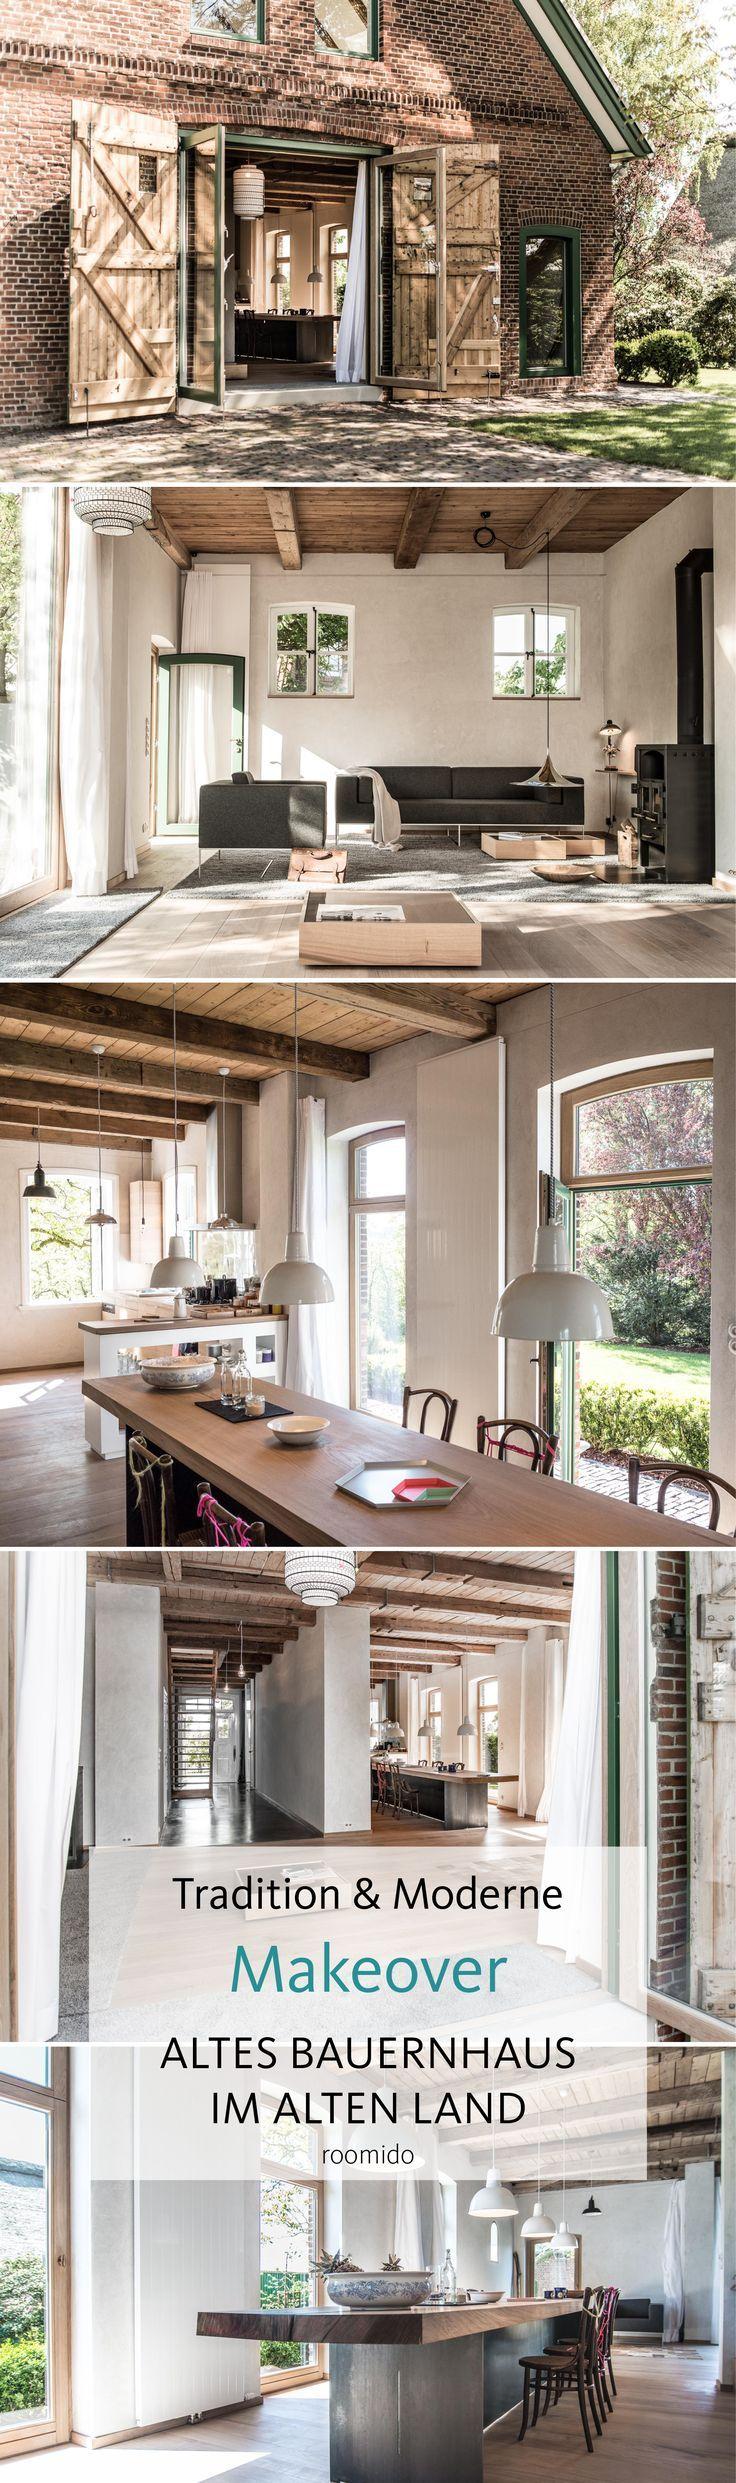 Badezimmer fliesen design von kajaria  best sweet home images on pinterest  future house arquitetura